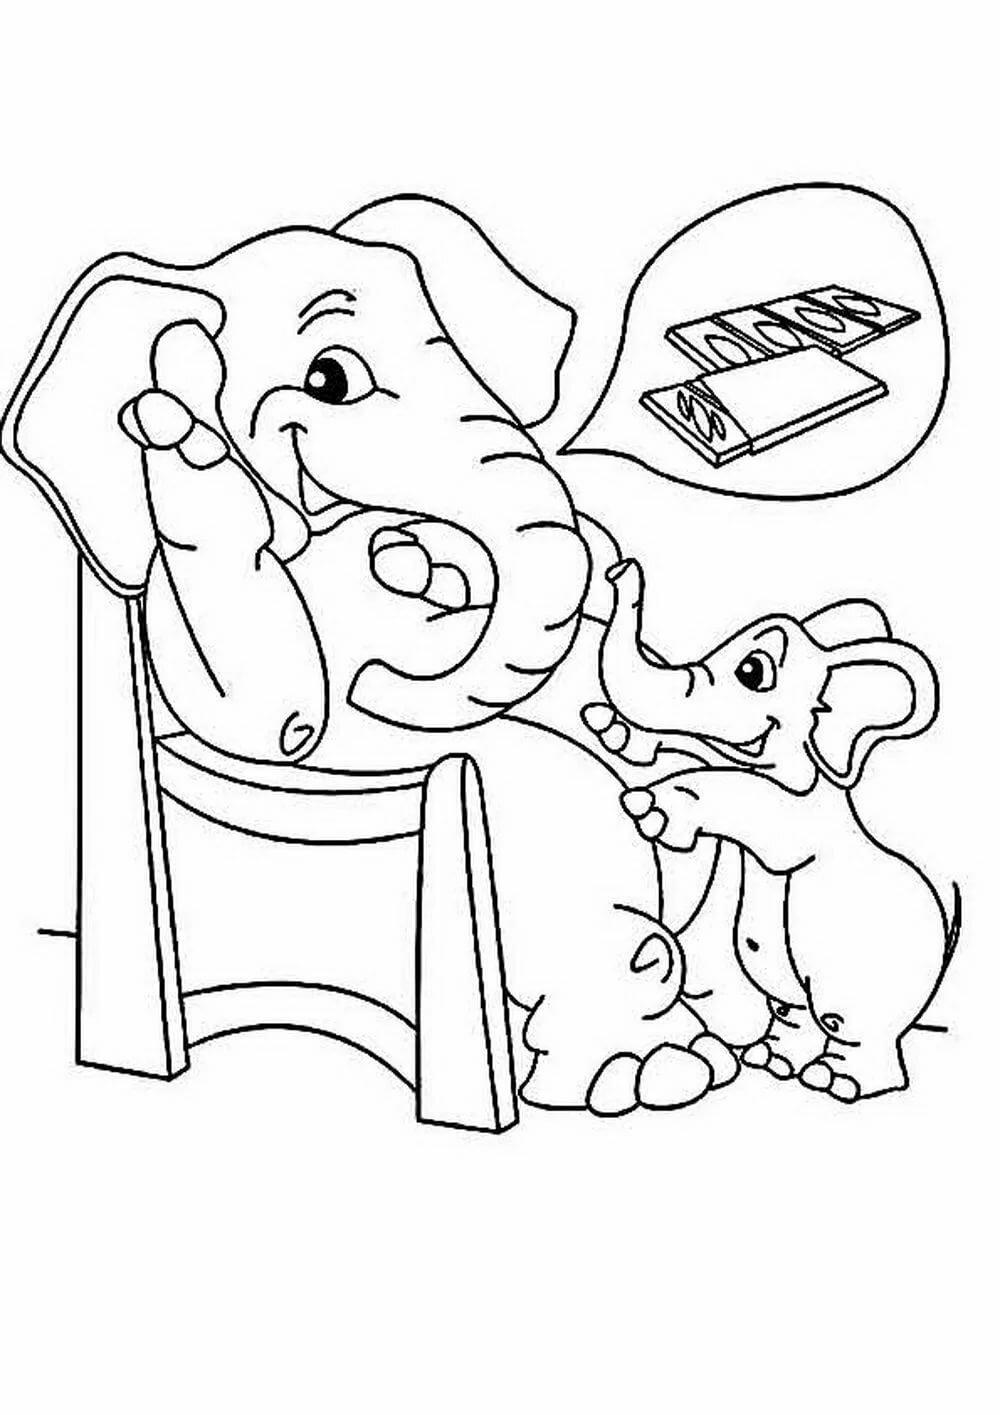 иллюстрации к сказкам чуковского распечатать нет кабинок для